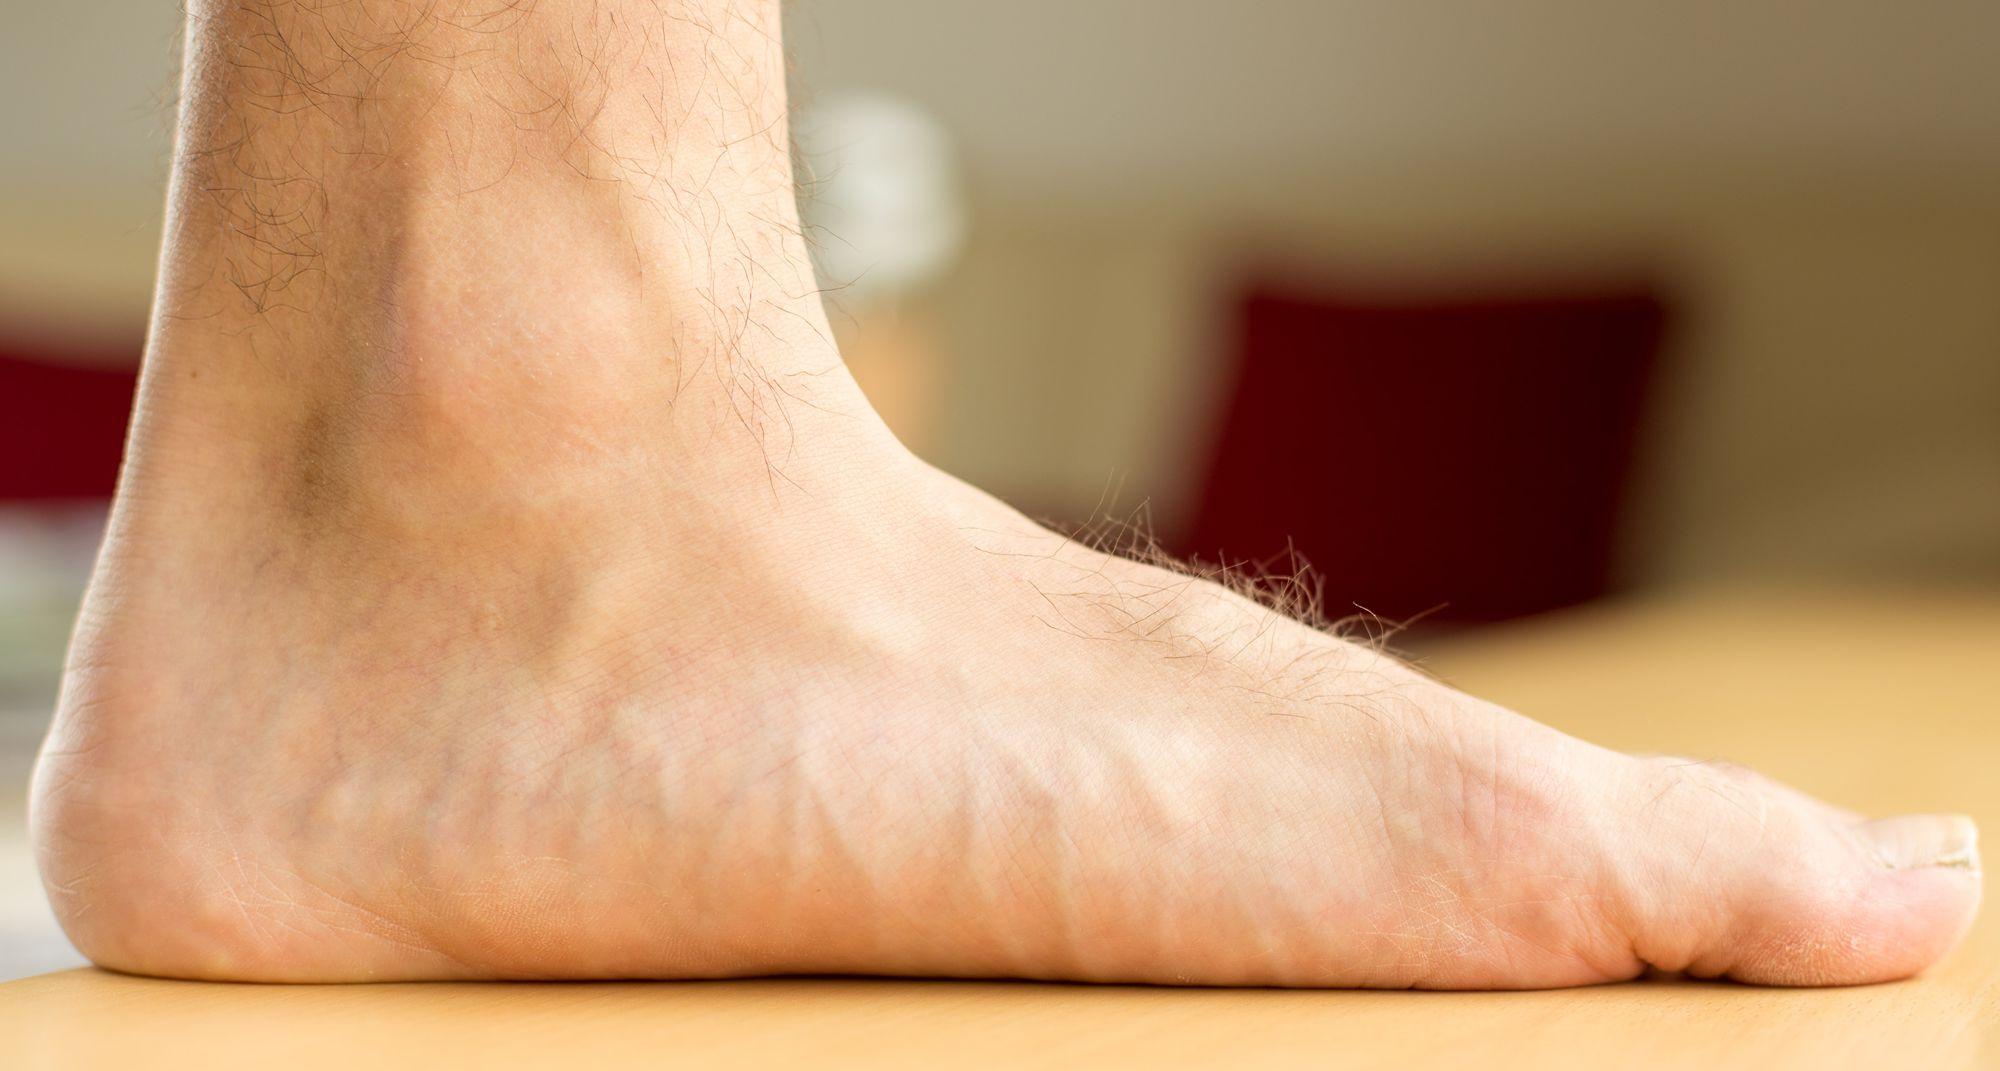 اگر پاهای صاف دارید ، هنگام ایستادن پاهای شما قوس معمولی ندارد. هنگامی که فعالیت بدنی زیادی انجام می دهید ، این می تواند باعث درد شود.